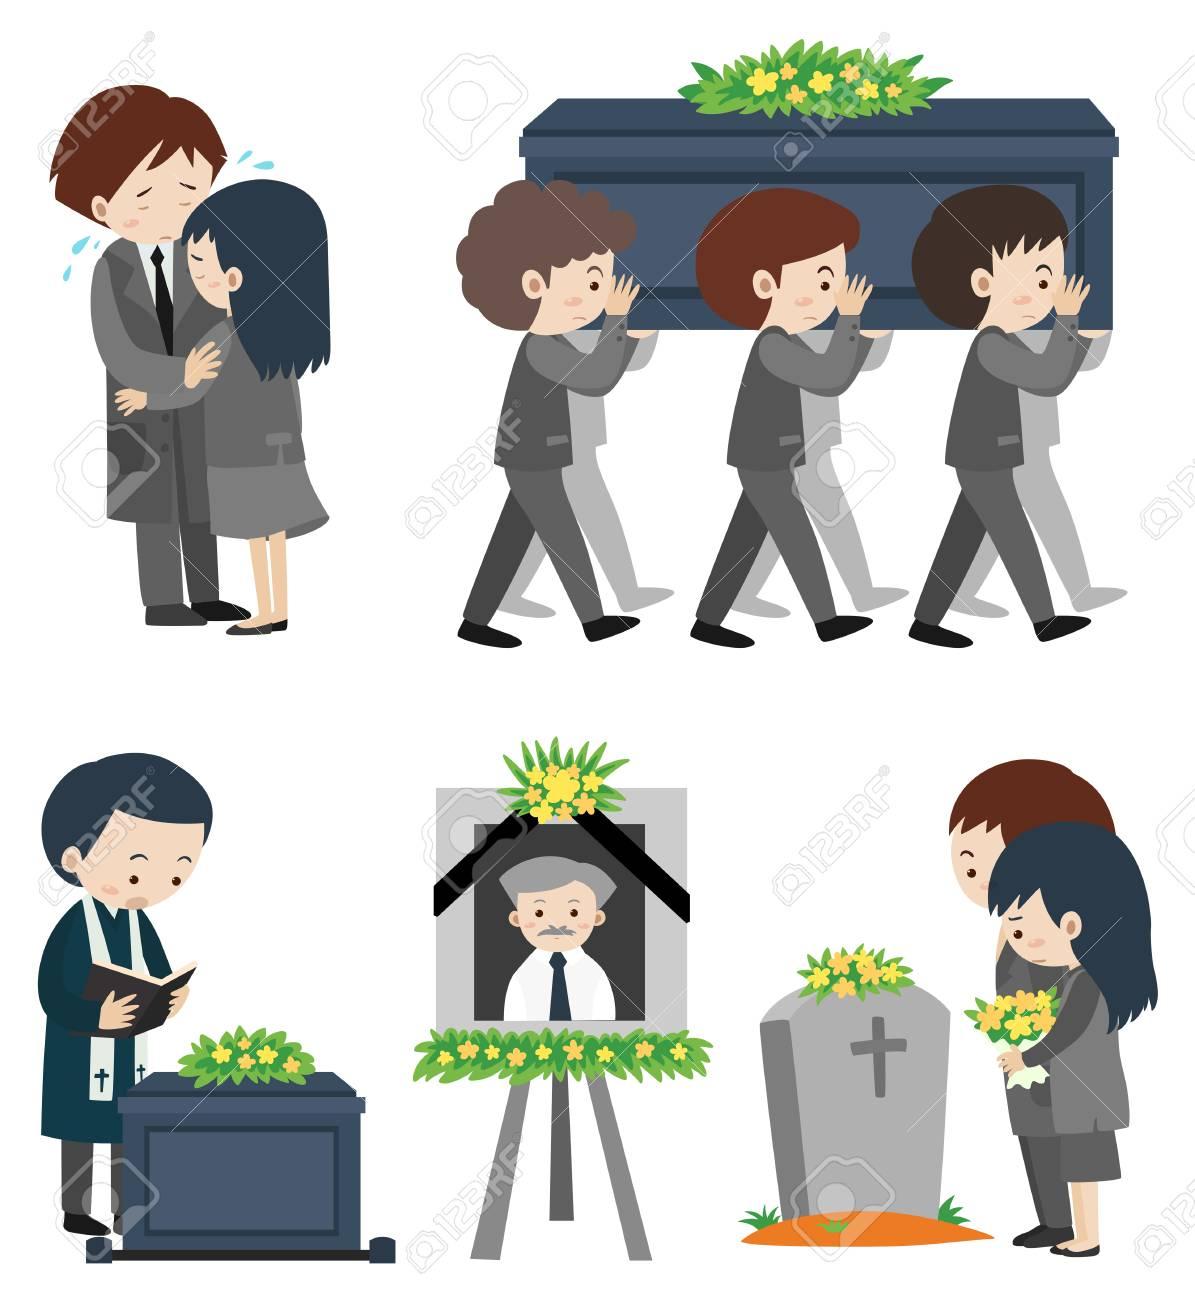 イラストは泣いている人と葬儀のイラスト素材 ベクタ Image 78181659